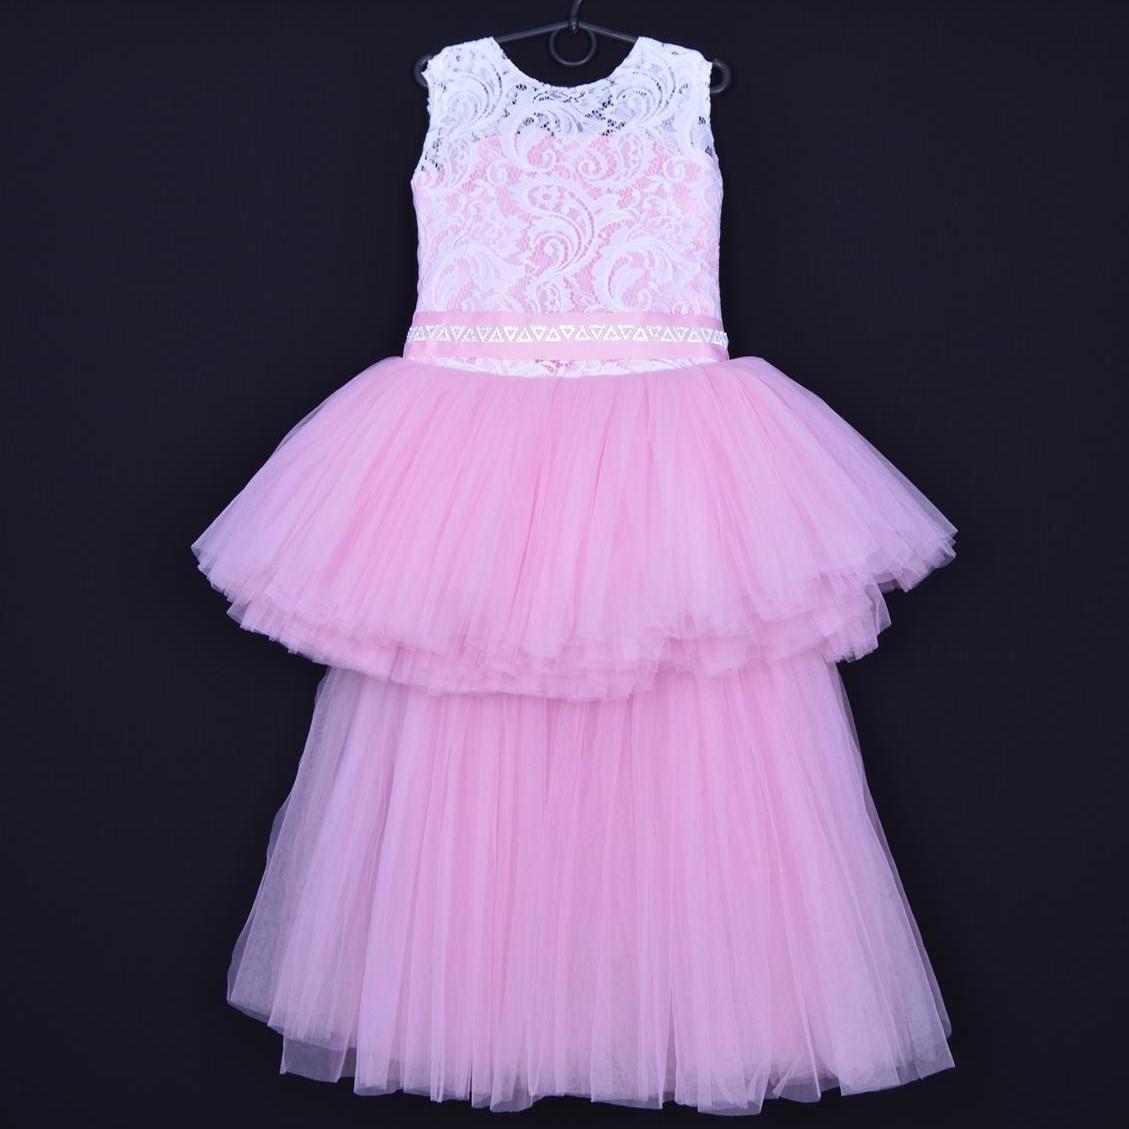 """Нарядное детское платье """"Ванесса"""". 6-8 лет. Бело-розовое. Оптом и в розницу"""